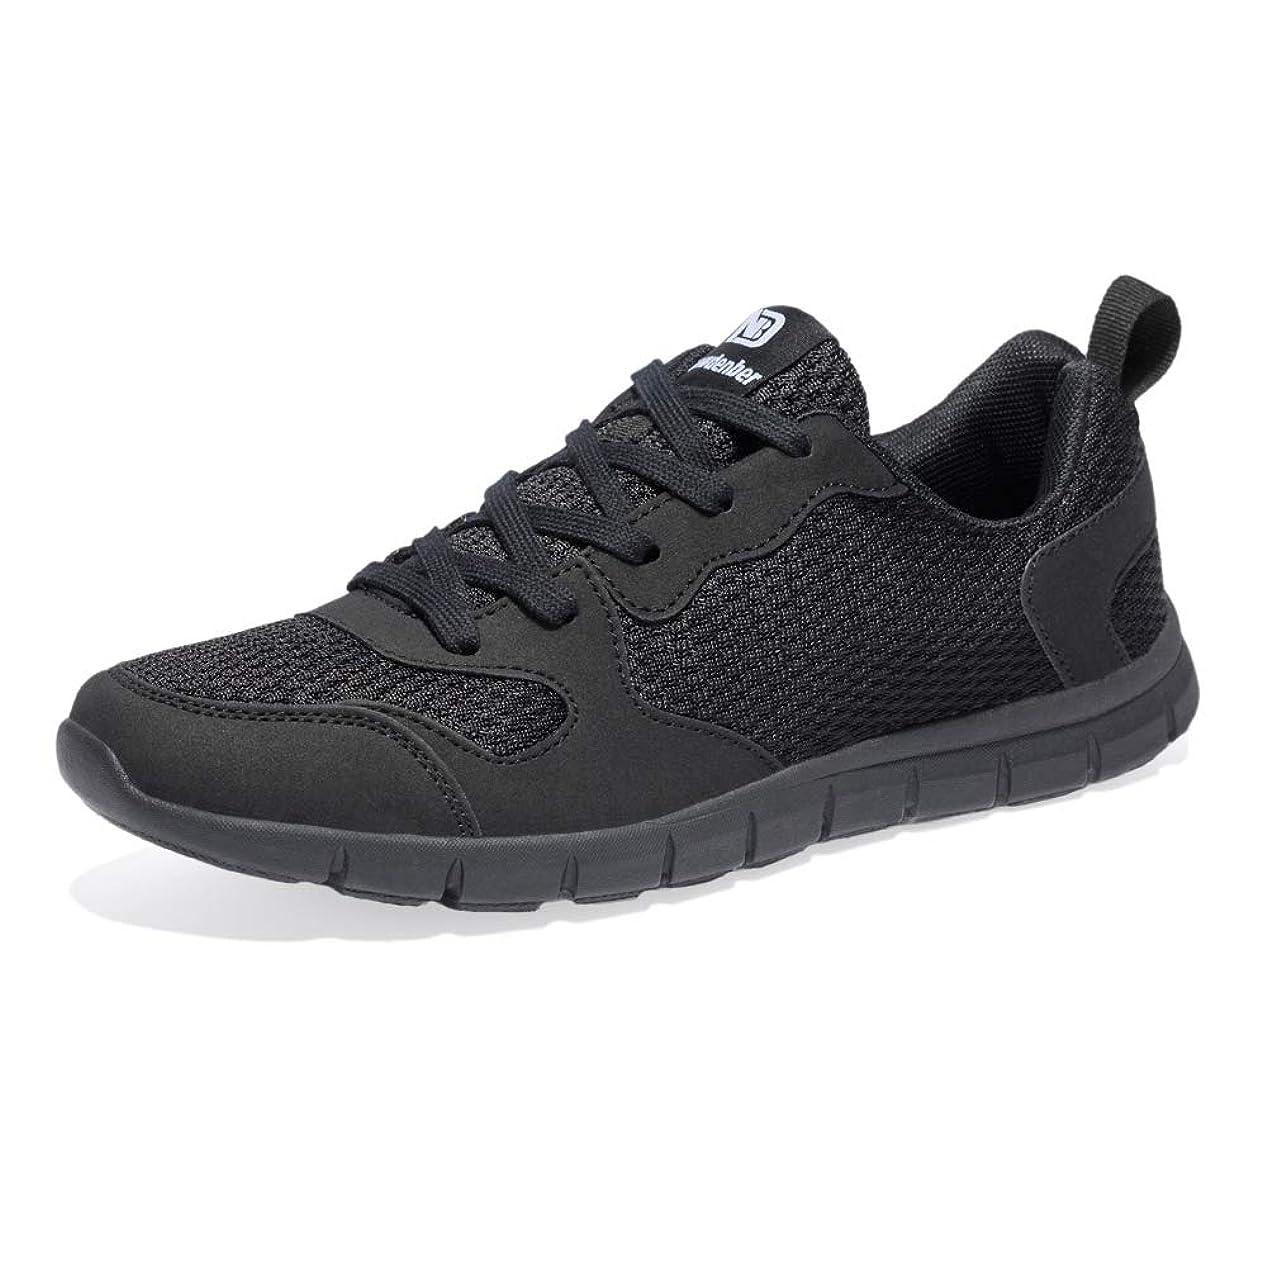 エロチック威信五[Newdenber] スニーカー メンズ 厚底 ウォーキングシューズ すにーかー カジュアル 通気性 ランニングシューズ 靴 メッシュ 防滑 くつ 運動靴 25.0~30.0センチ